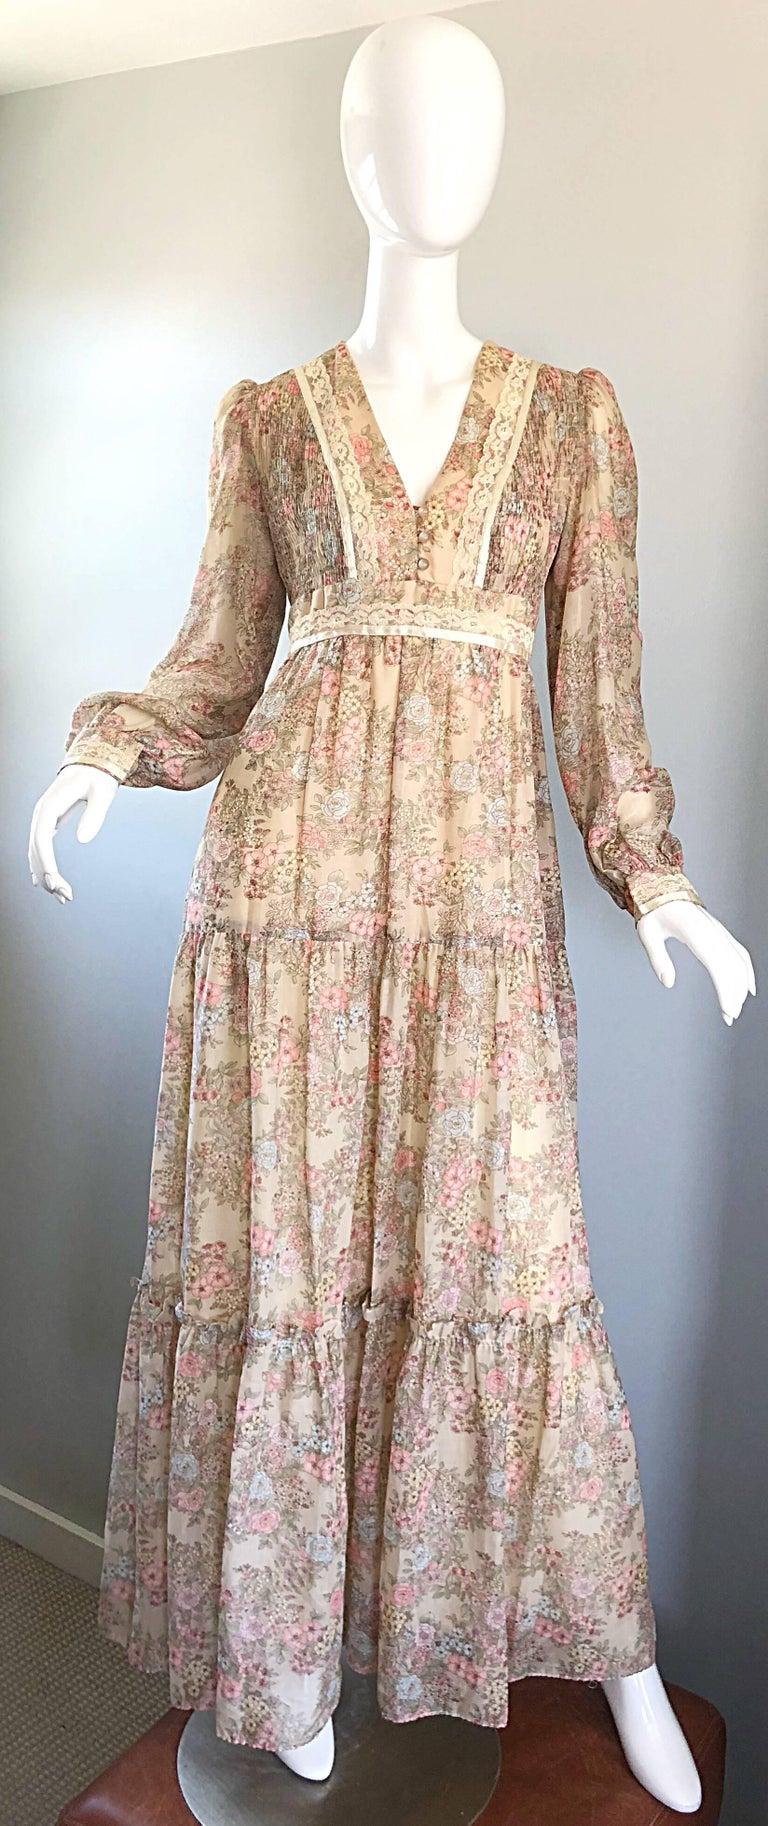 Pretty 1970s Boho Cotton Voile Lace Flower Print Long Sleeve 70s Maxi Dress 70s Maxi Dress Vintage Dress 70s 70s Fashion Dresses [ 1826 x 768 Pixel ]